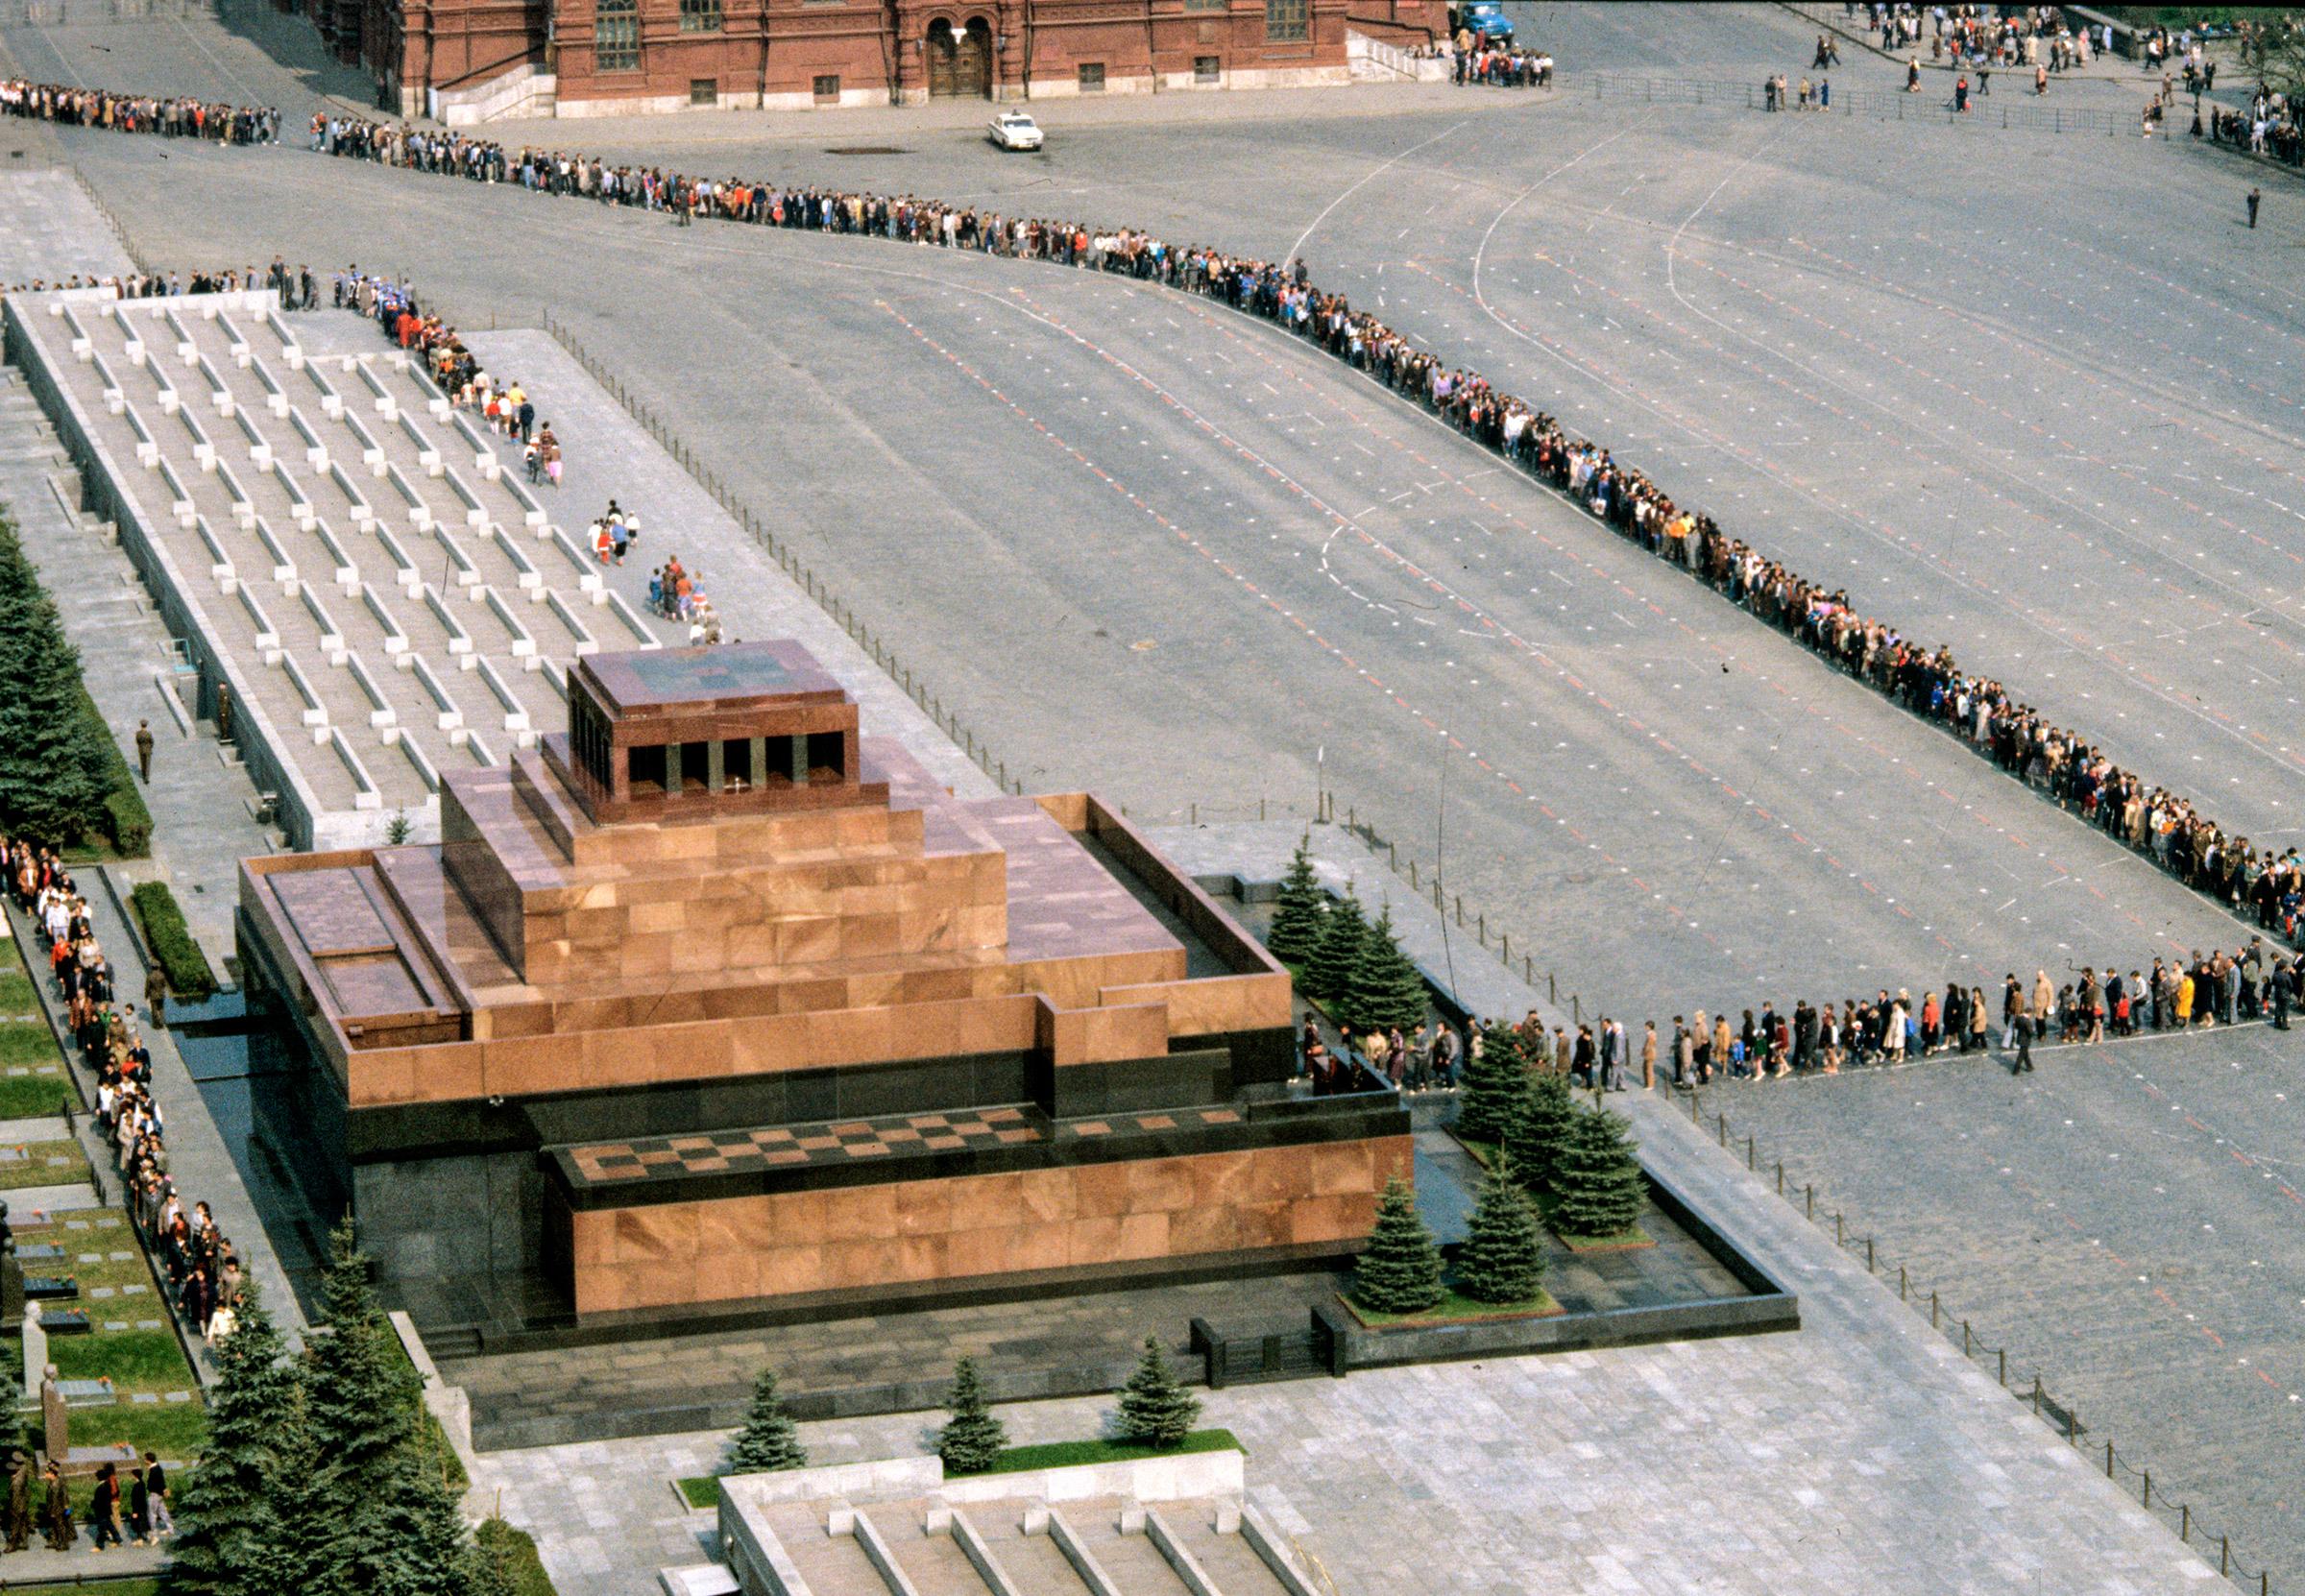 Первый временный деревянный мавзолей был построен к похоронам Ленина 27 января 1924 года за несколько дней. Через несколько месяцев его сменил еще один деревянный, более монументальный мавзолей — появились трибуны, отделка лакированным дубом и саркофаг. Эта постройка существовала до 1929 года.